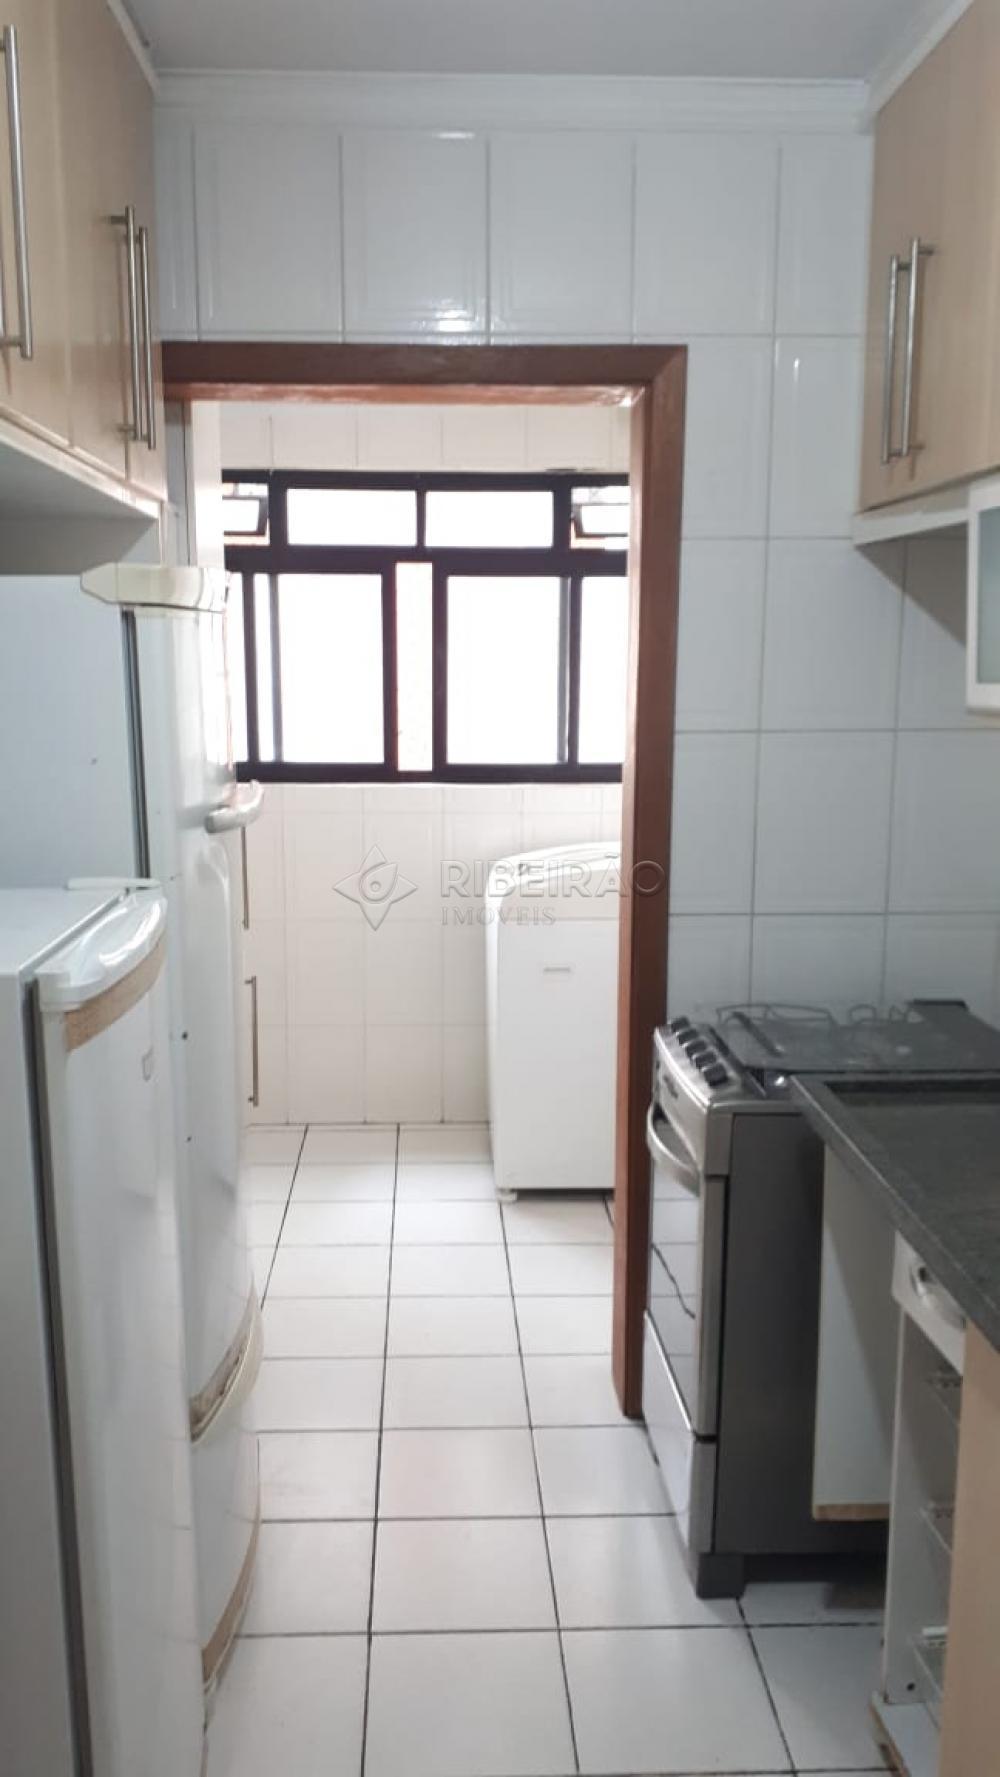 Comprar Apartamento / Padrão em São Paulo R$ 720.000,00 - Foto 18